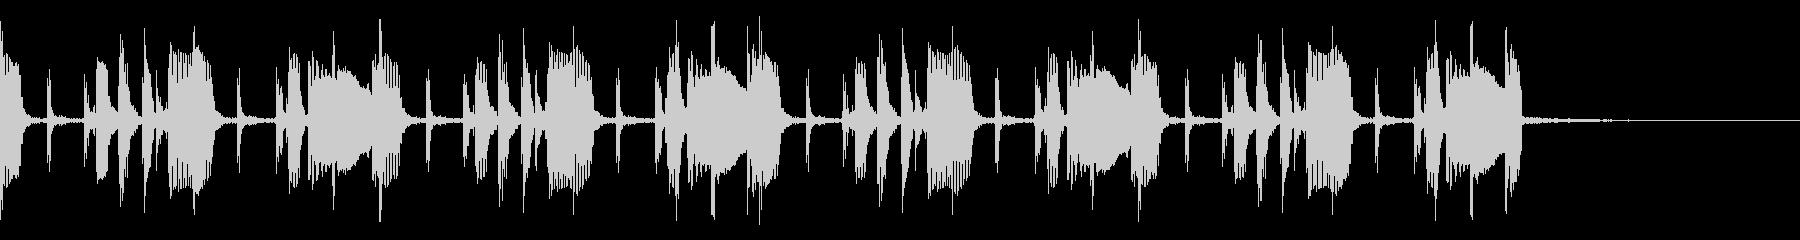 エレキベースのシンプルグルーヴ MCにの未再生の波形